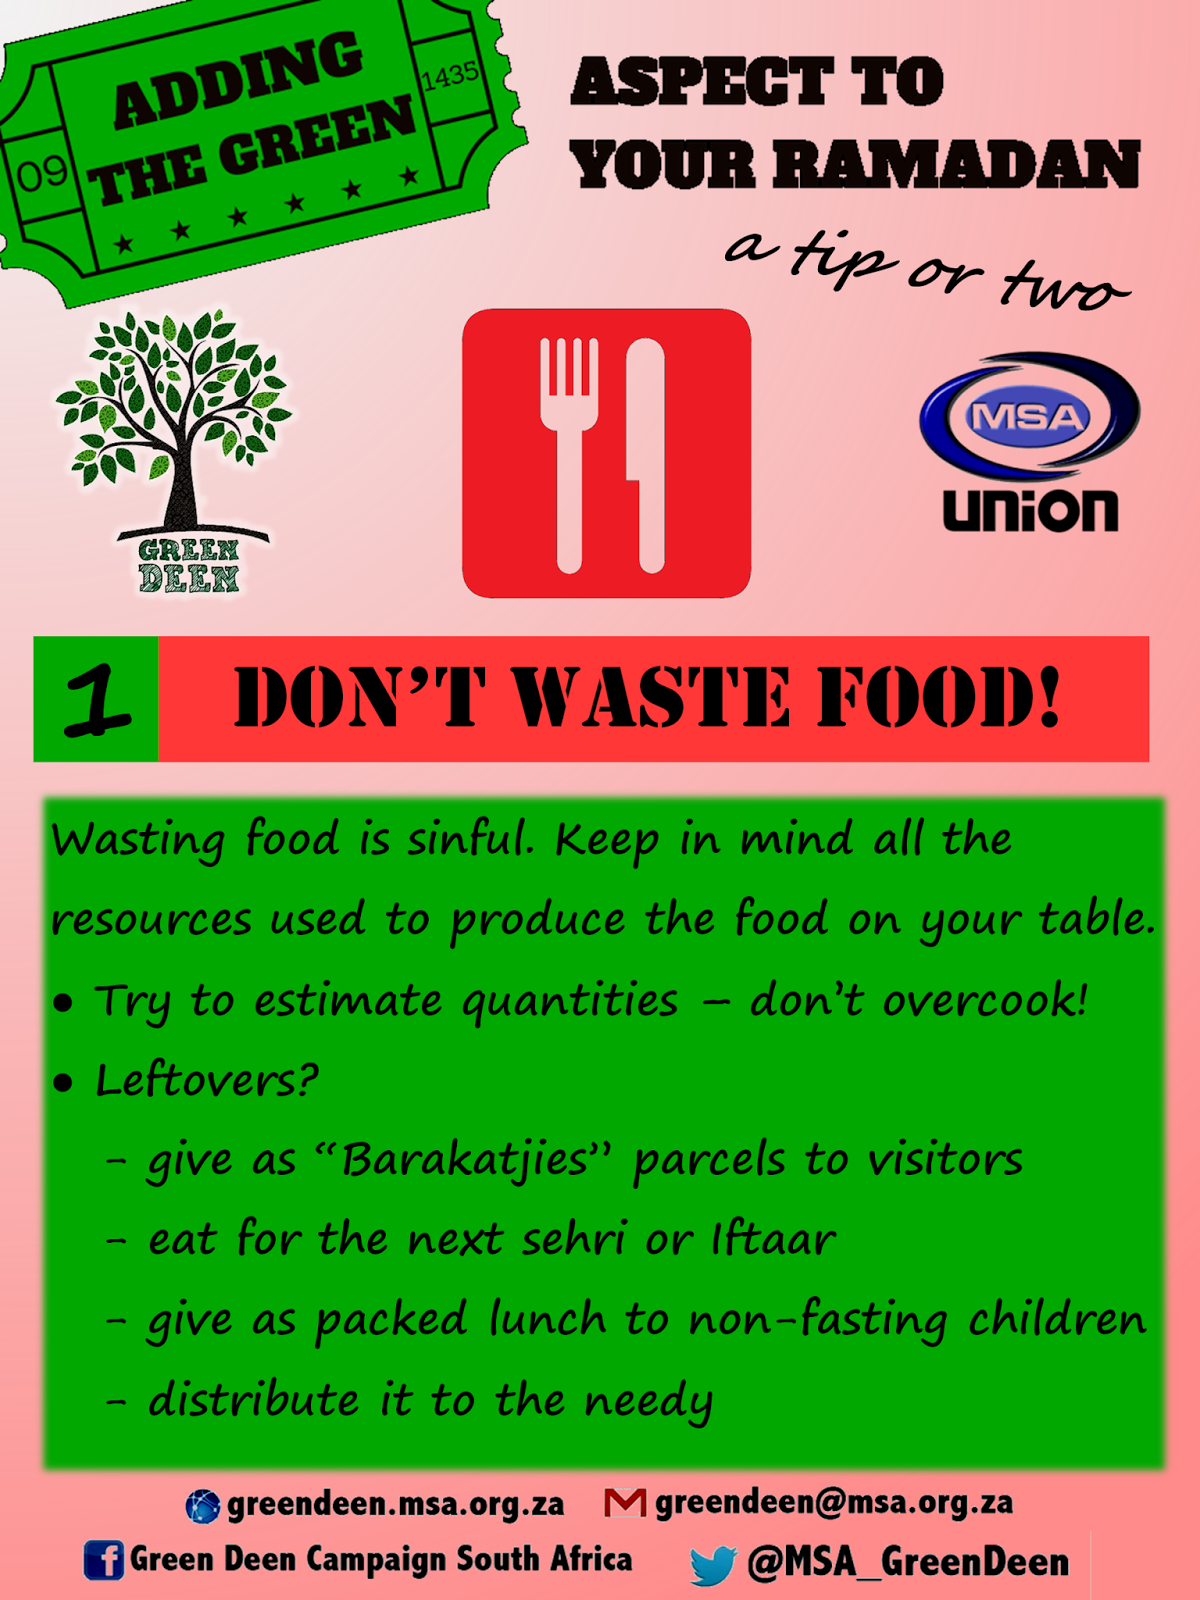 Green Deen Campaign South Africa Green Ramadan